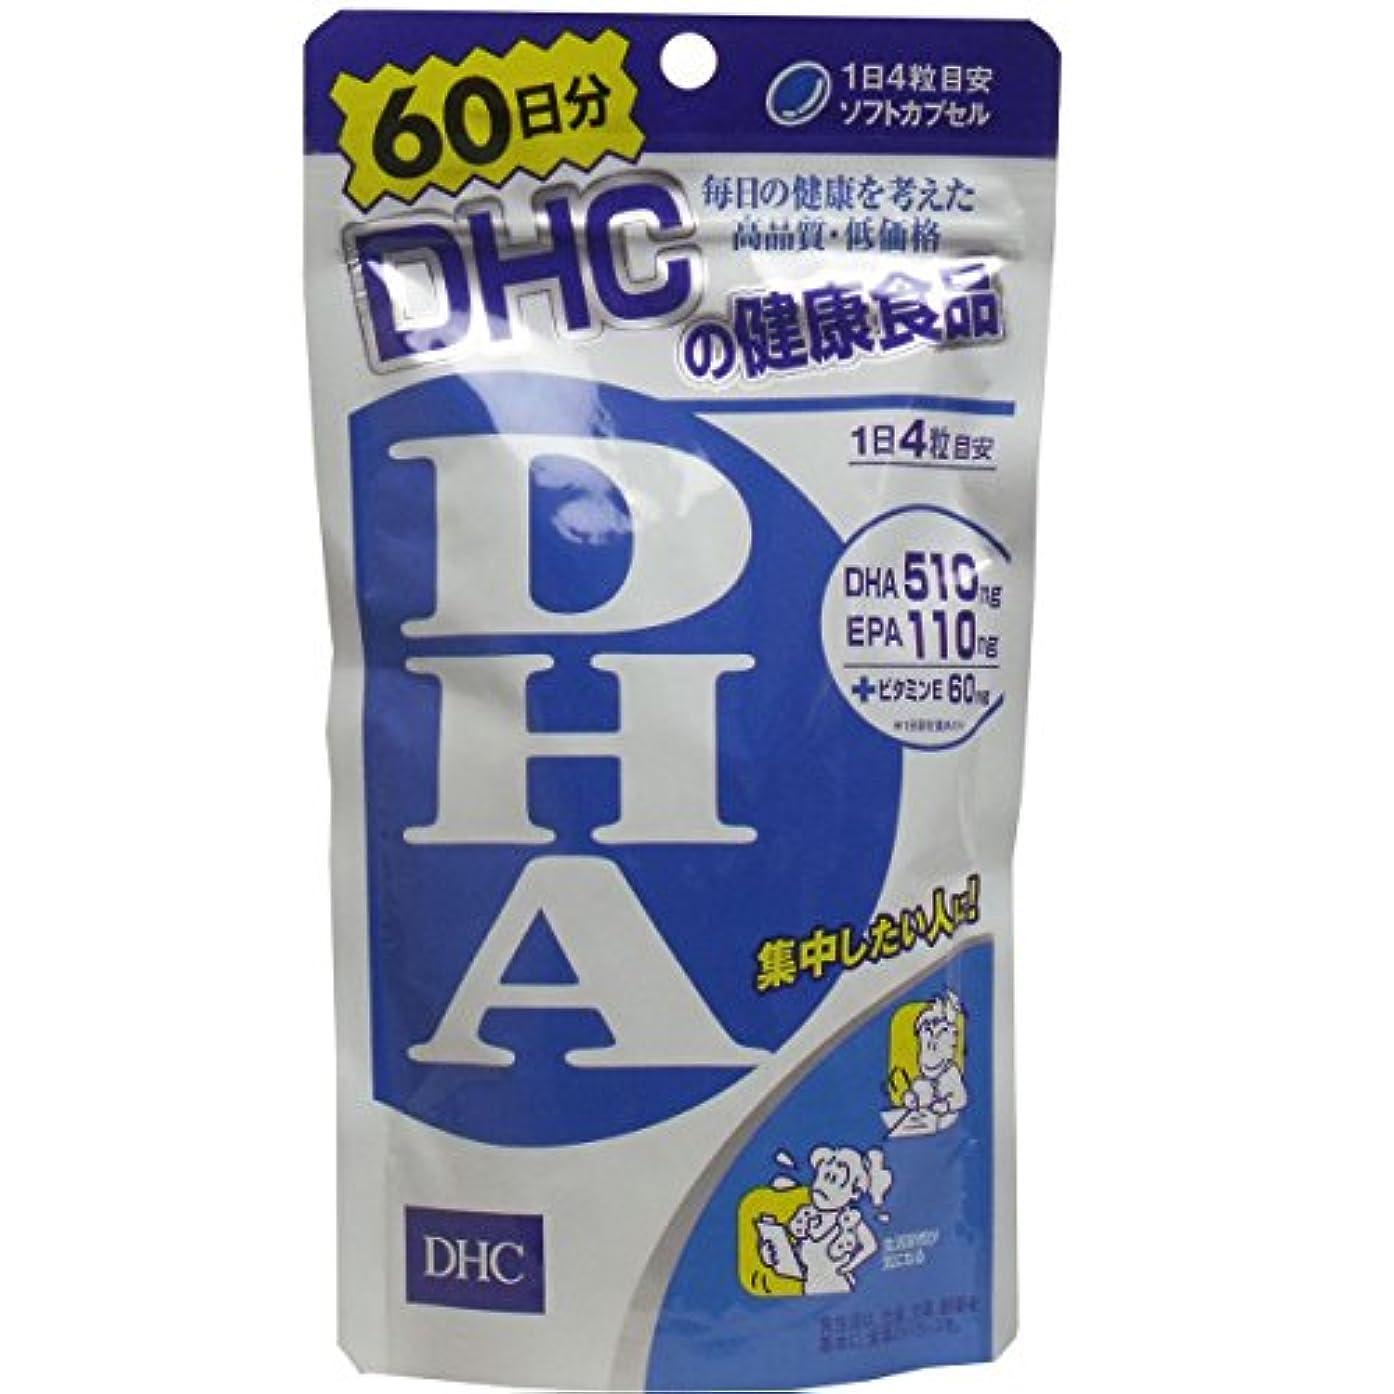 確保するますますバッグ【お徳用 10 セット】 DHC DHA 60日分 240粒×10セット